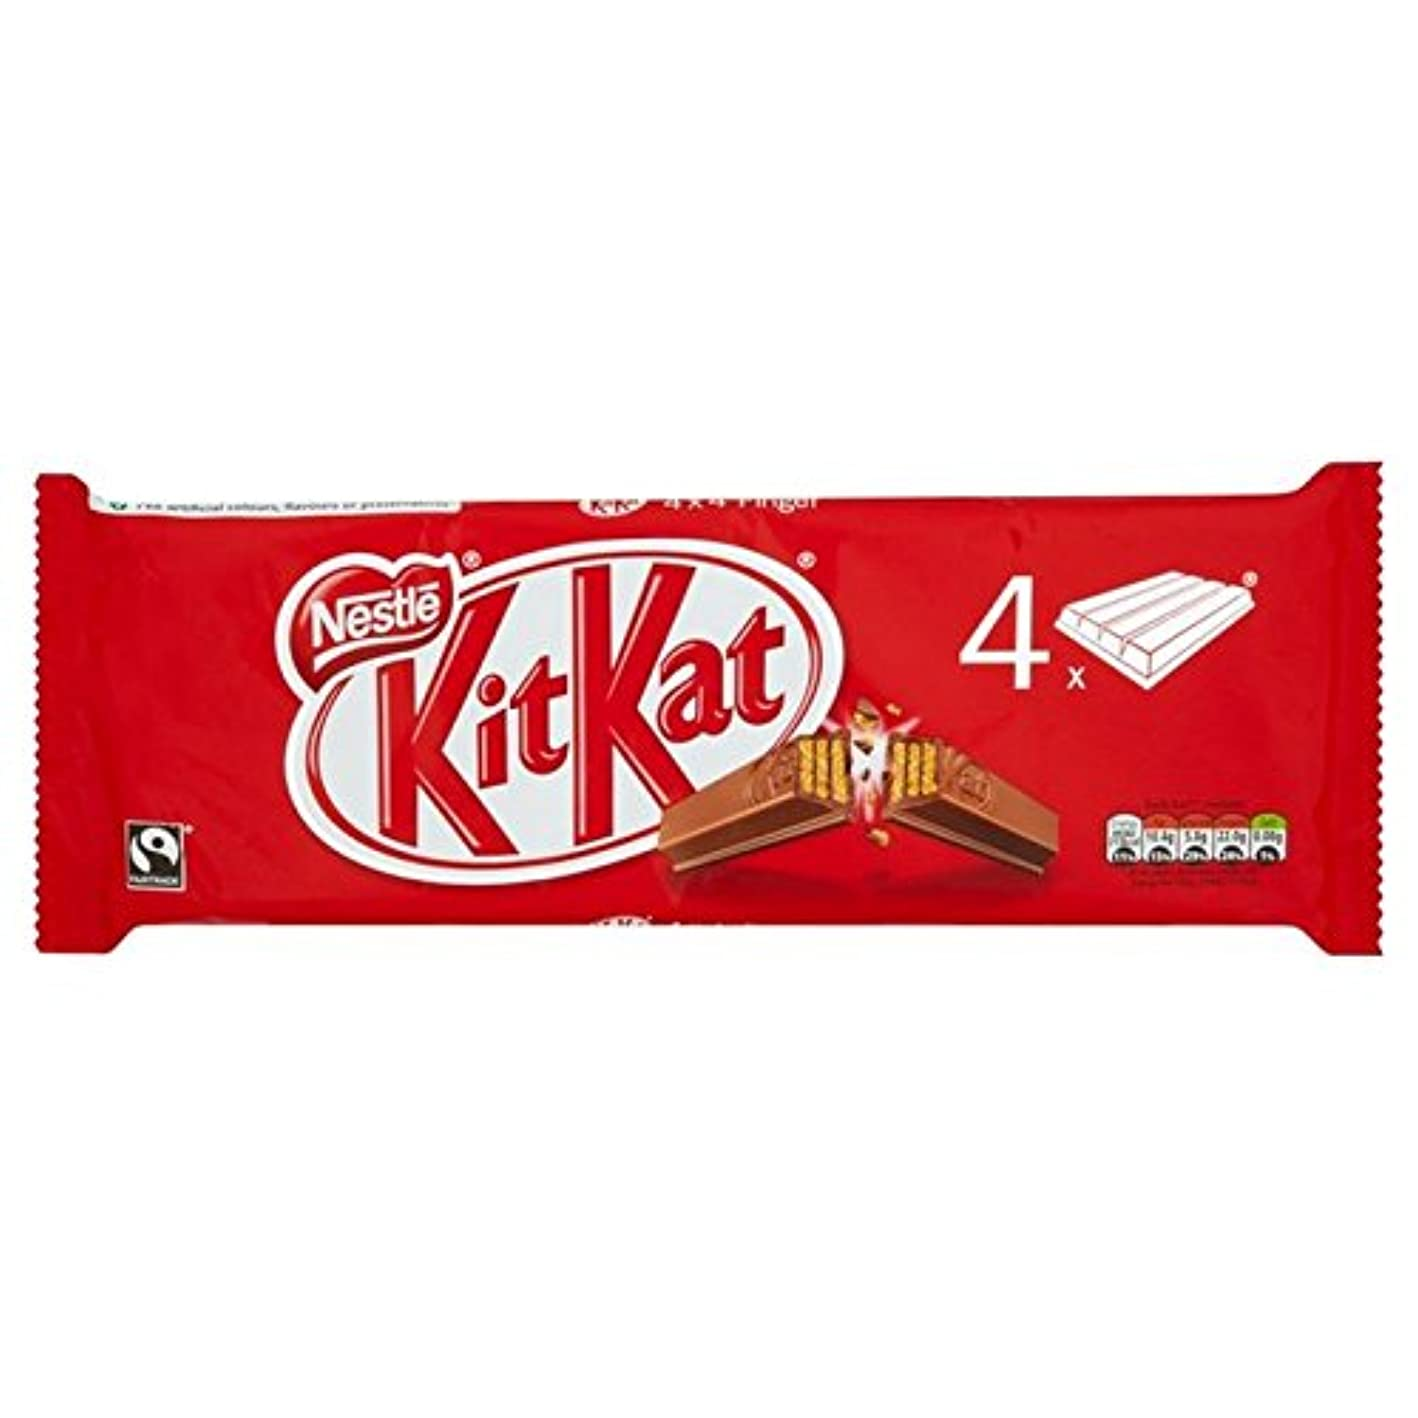 タイルオール辞任(Kit Kat (キットカット)) 4指の166グラム (x2) - Kit Kat 4 Finger 166g (Pack of 2) [並行輸入品]